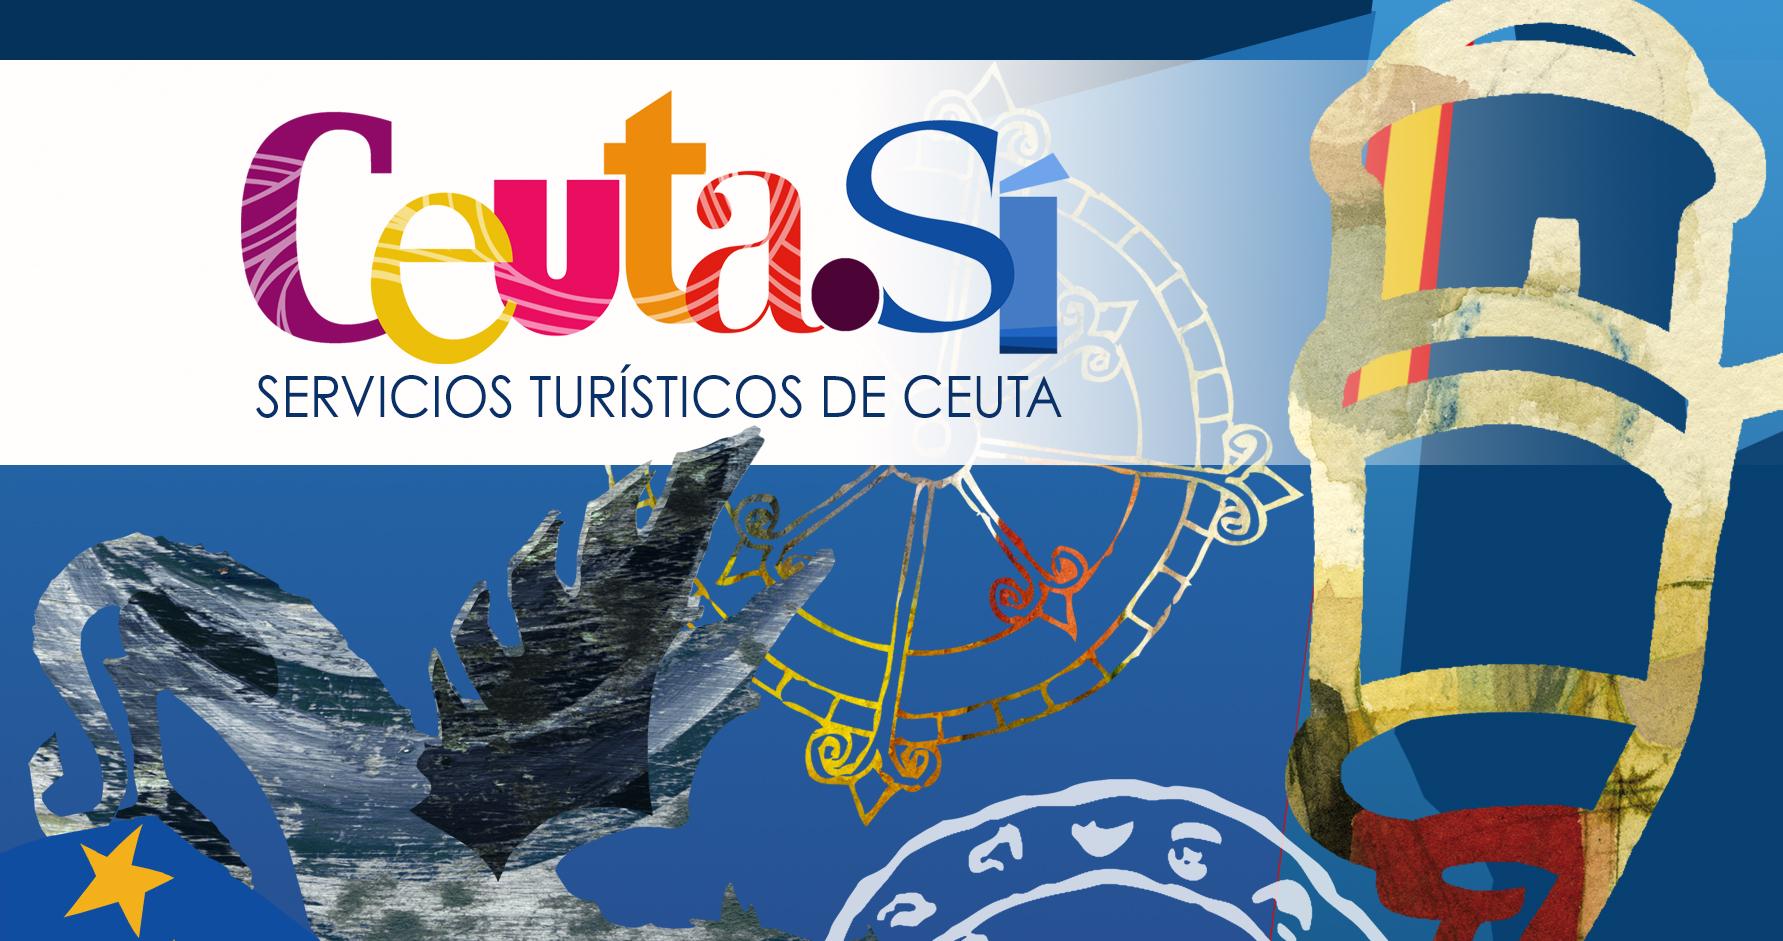 (c) Ceuta.si